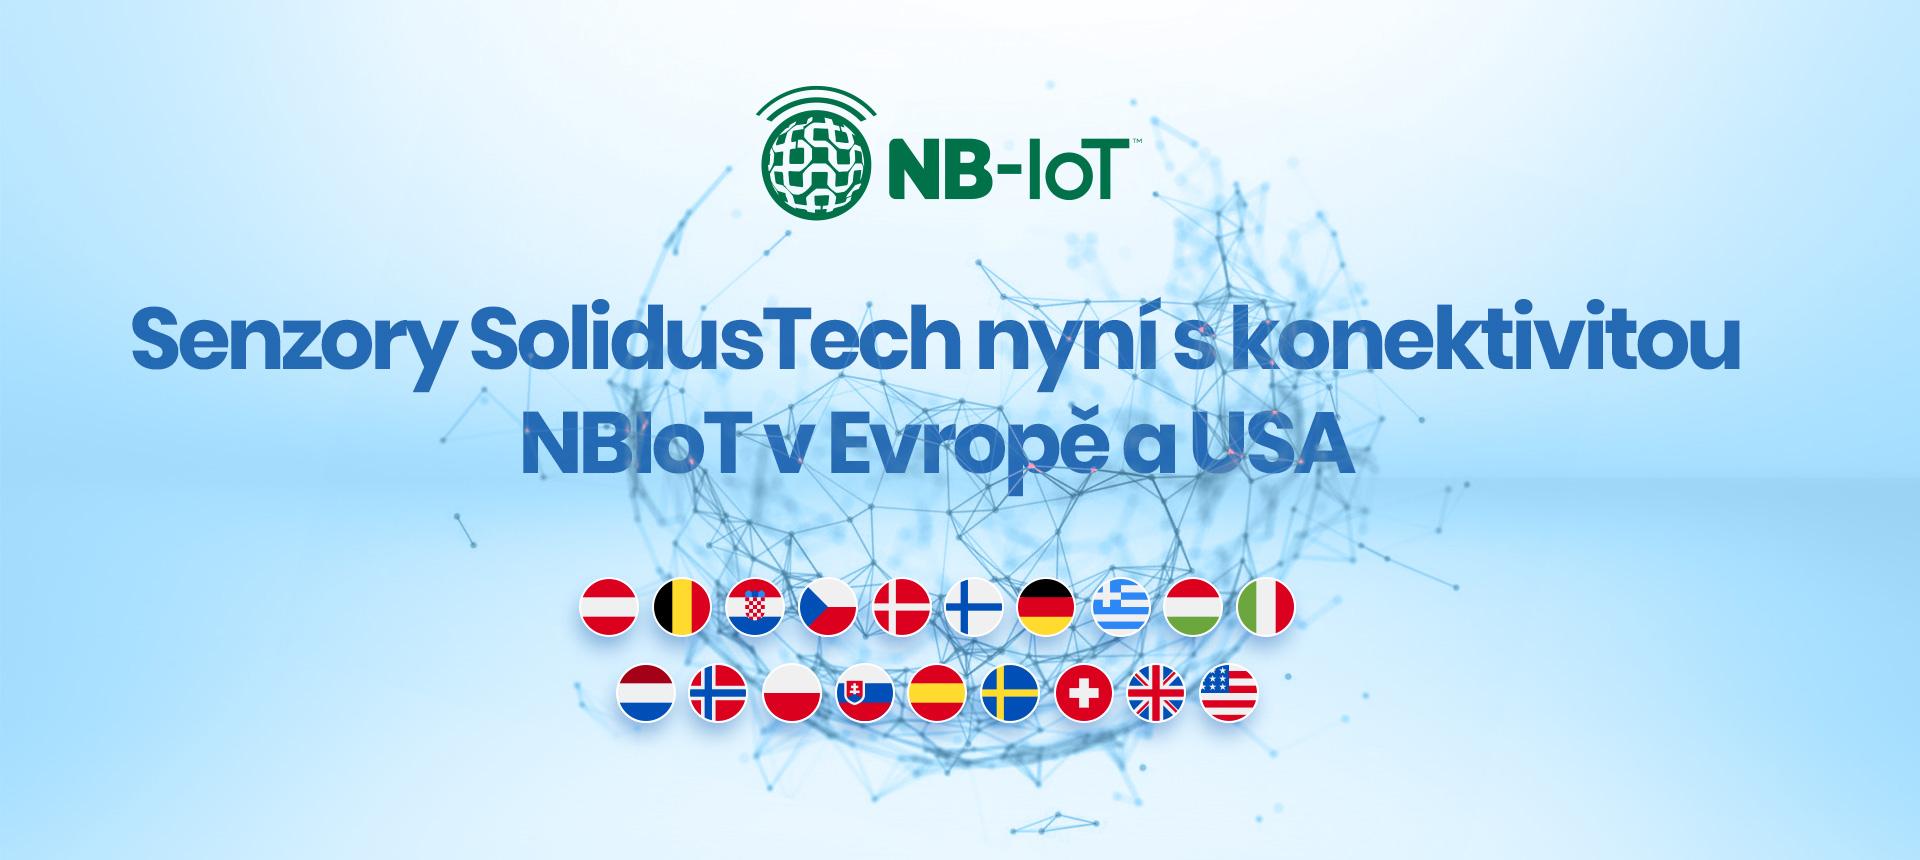 NB-IoT Evropa